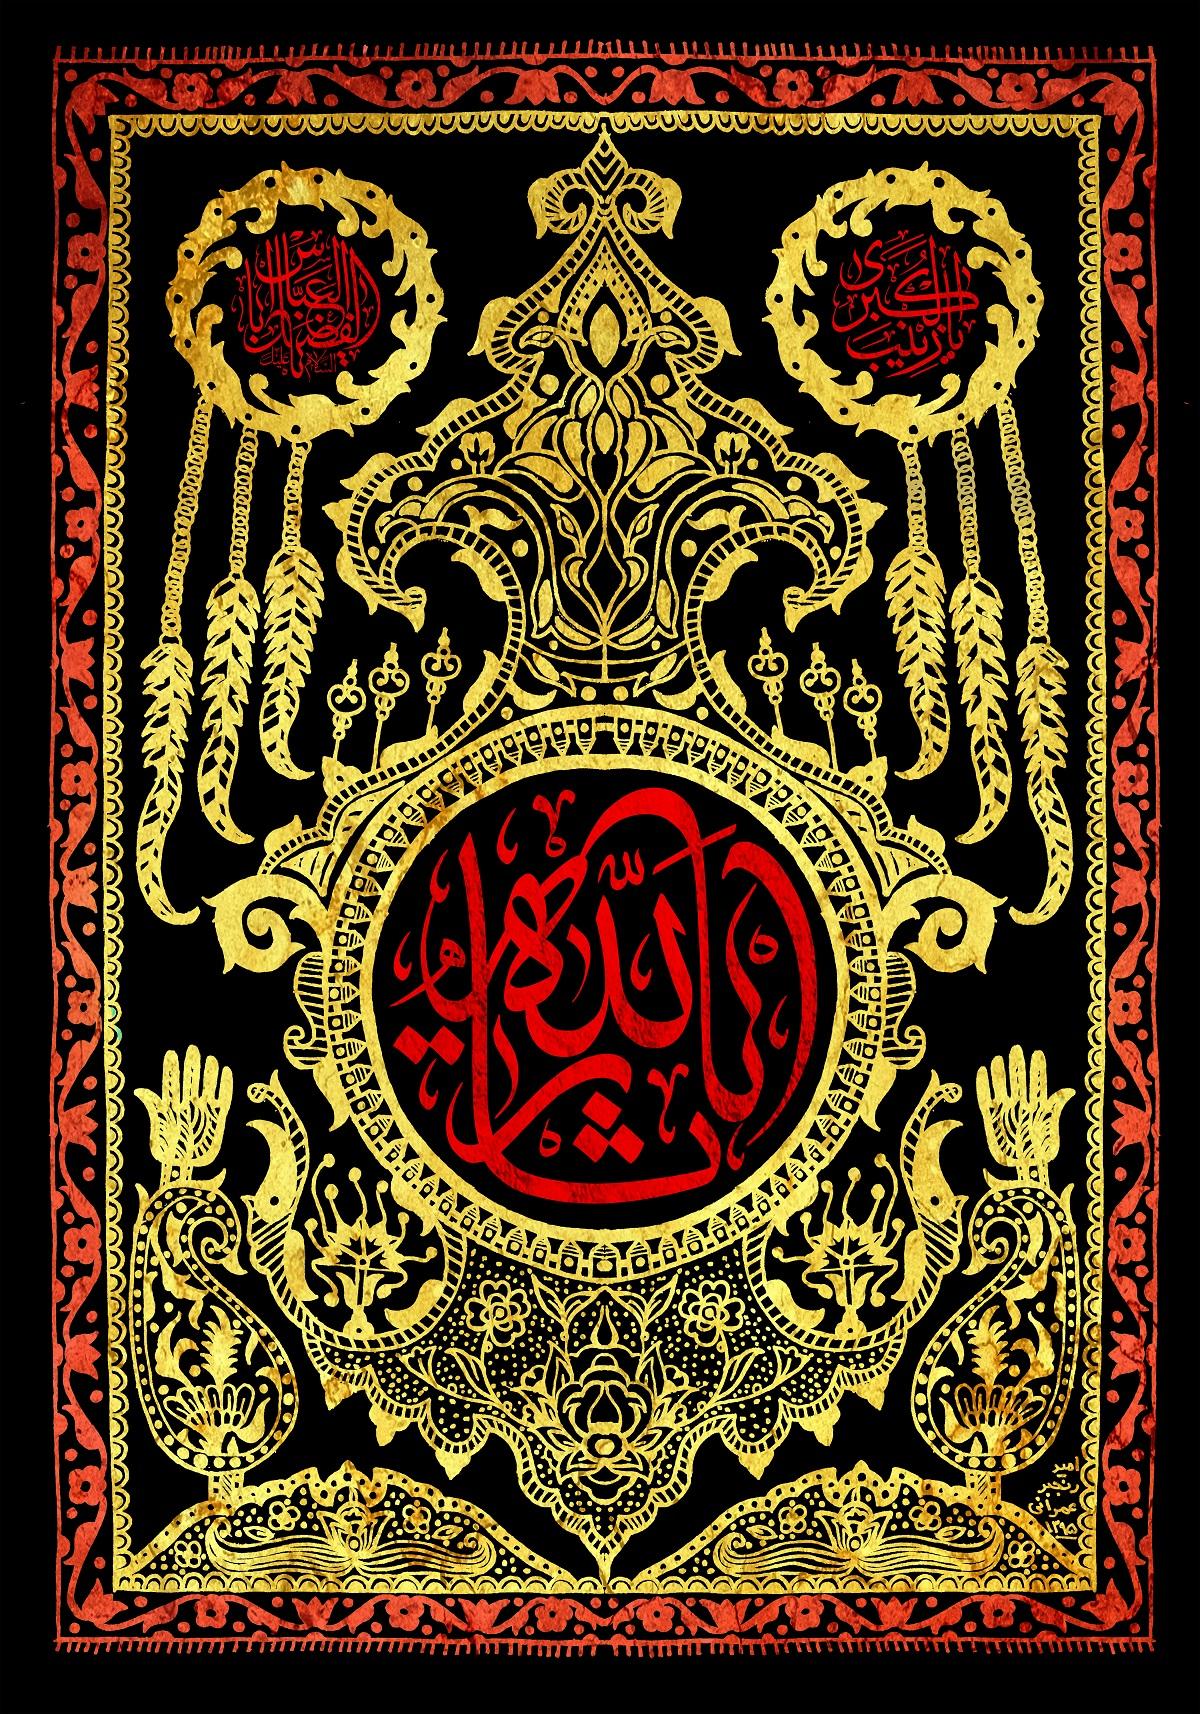 پوستر شهادت امام حسین علیه السلام (39)